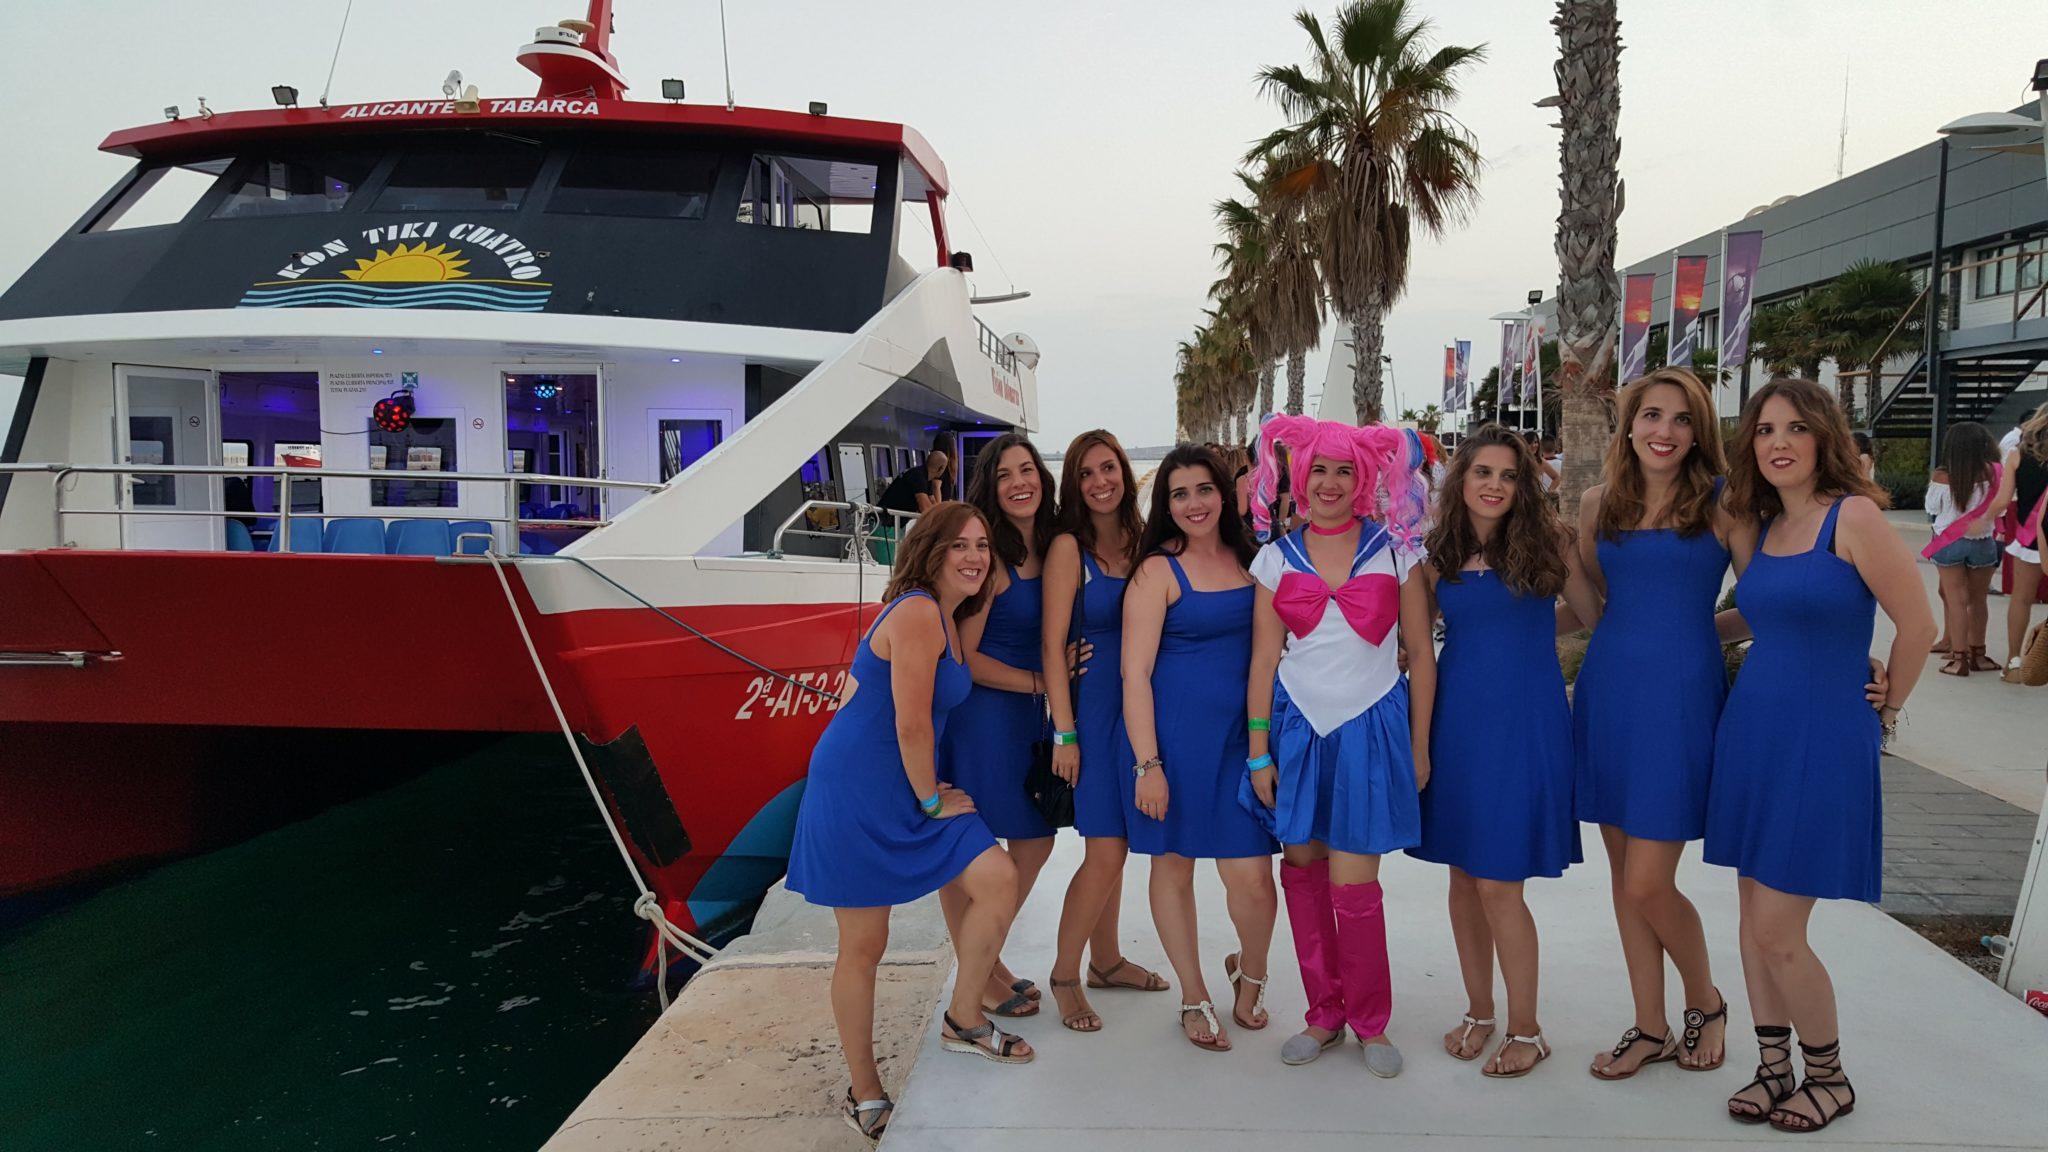 Despedidas de solteira em Alicante - Espanha © Viaje Comigo